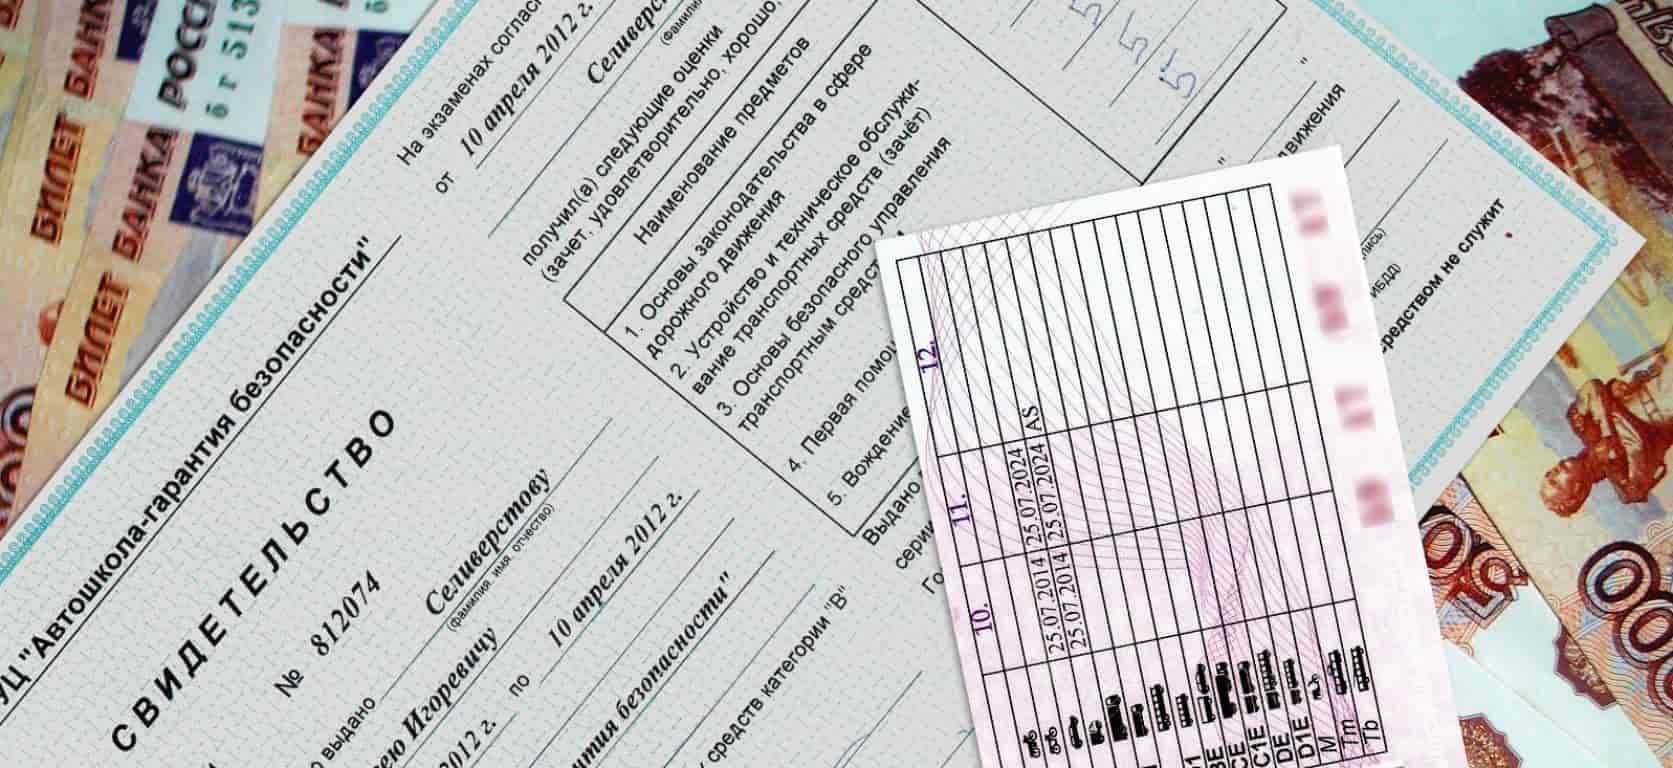 Как получить права через госуслуги после сдачи экзамена 2020?